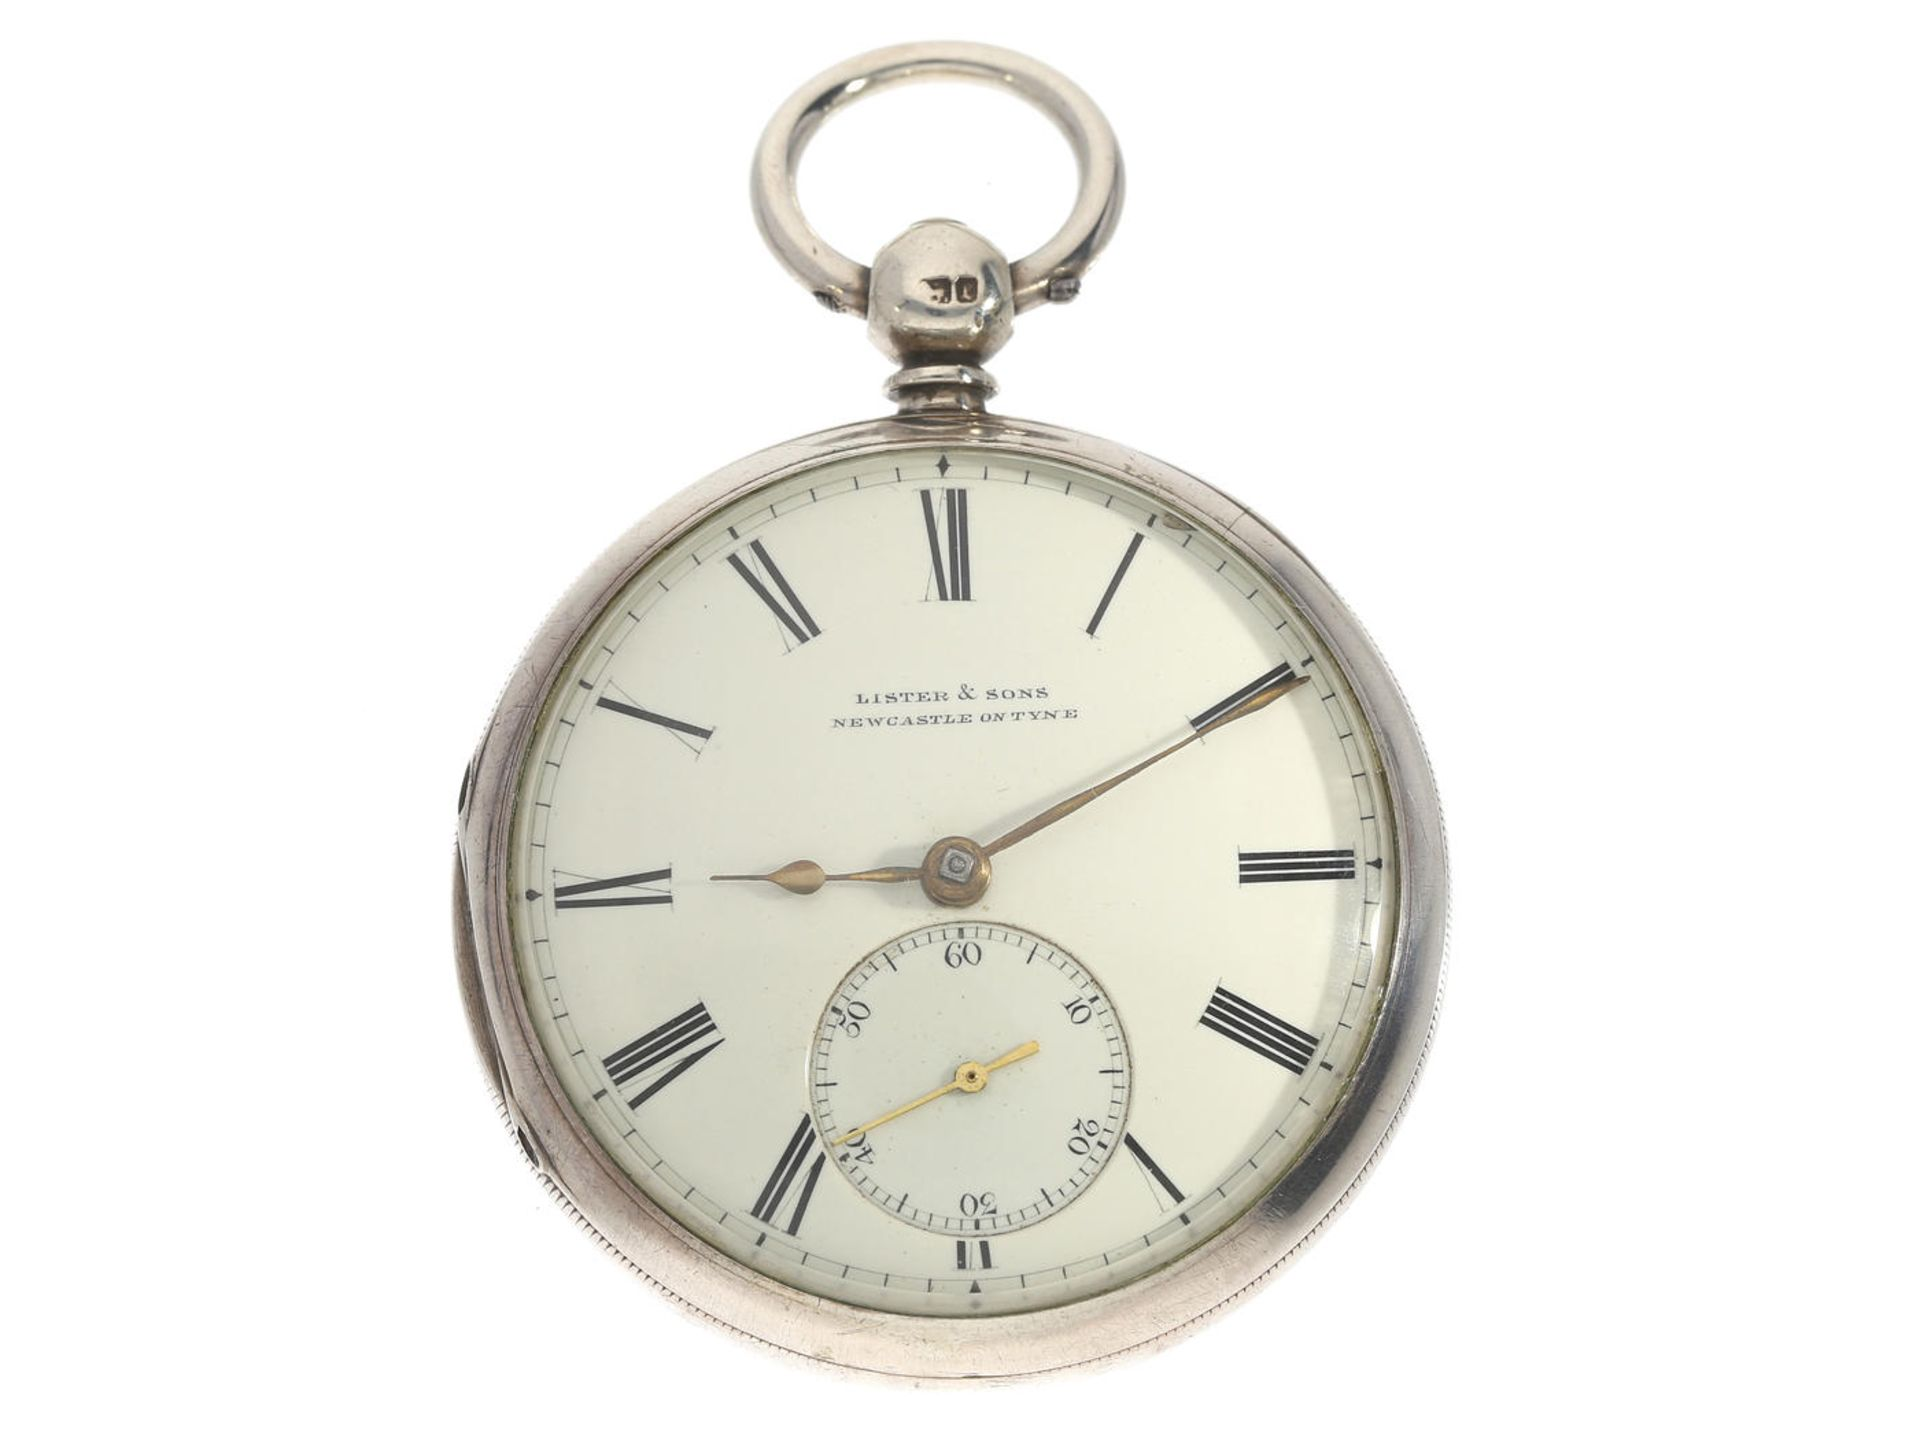 Taschenuhr: englische Taschenuhr mit Kette und Schnecke, Lister & Sons Newcastle on Tyne, 1868 Ca.